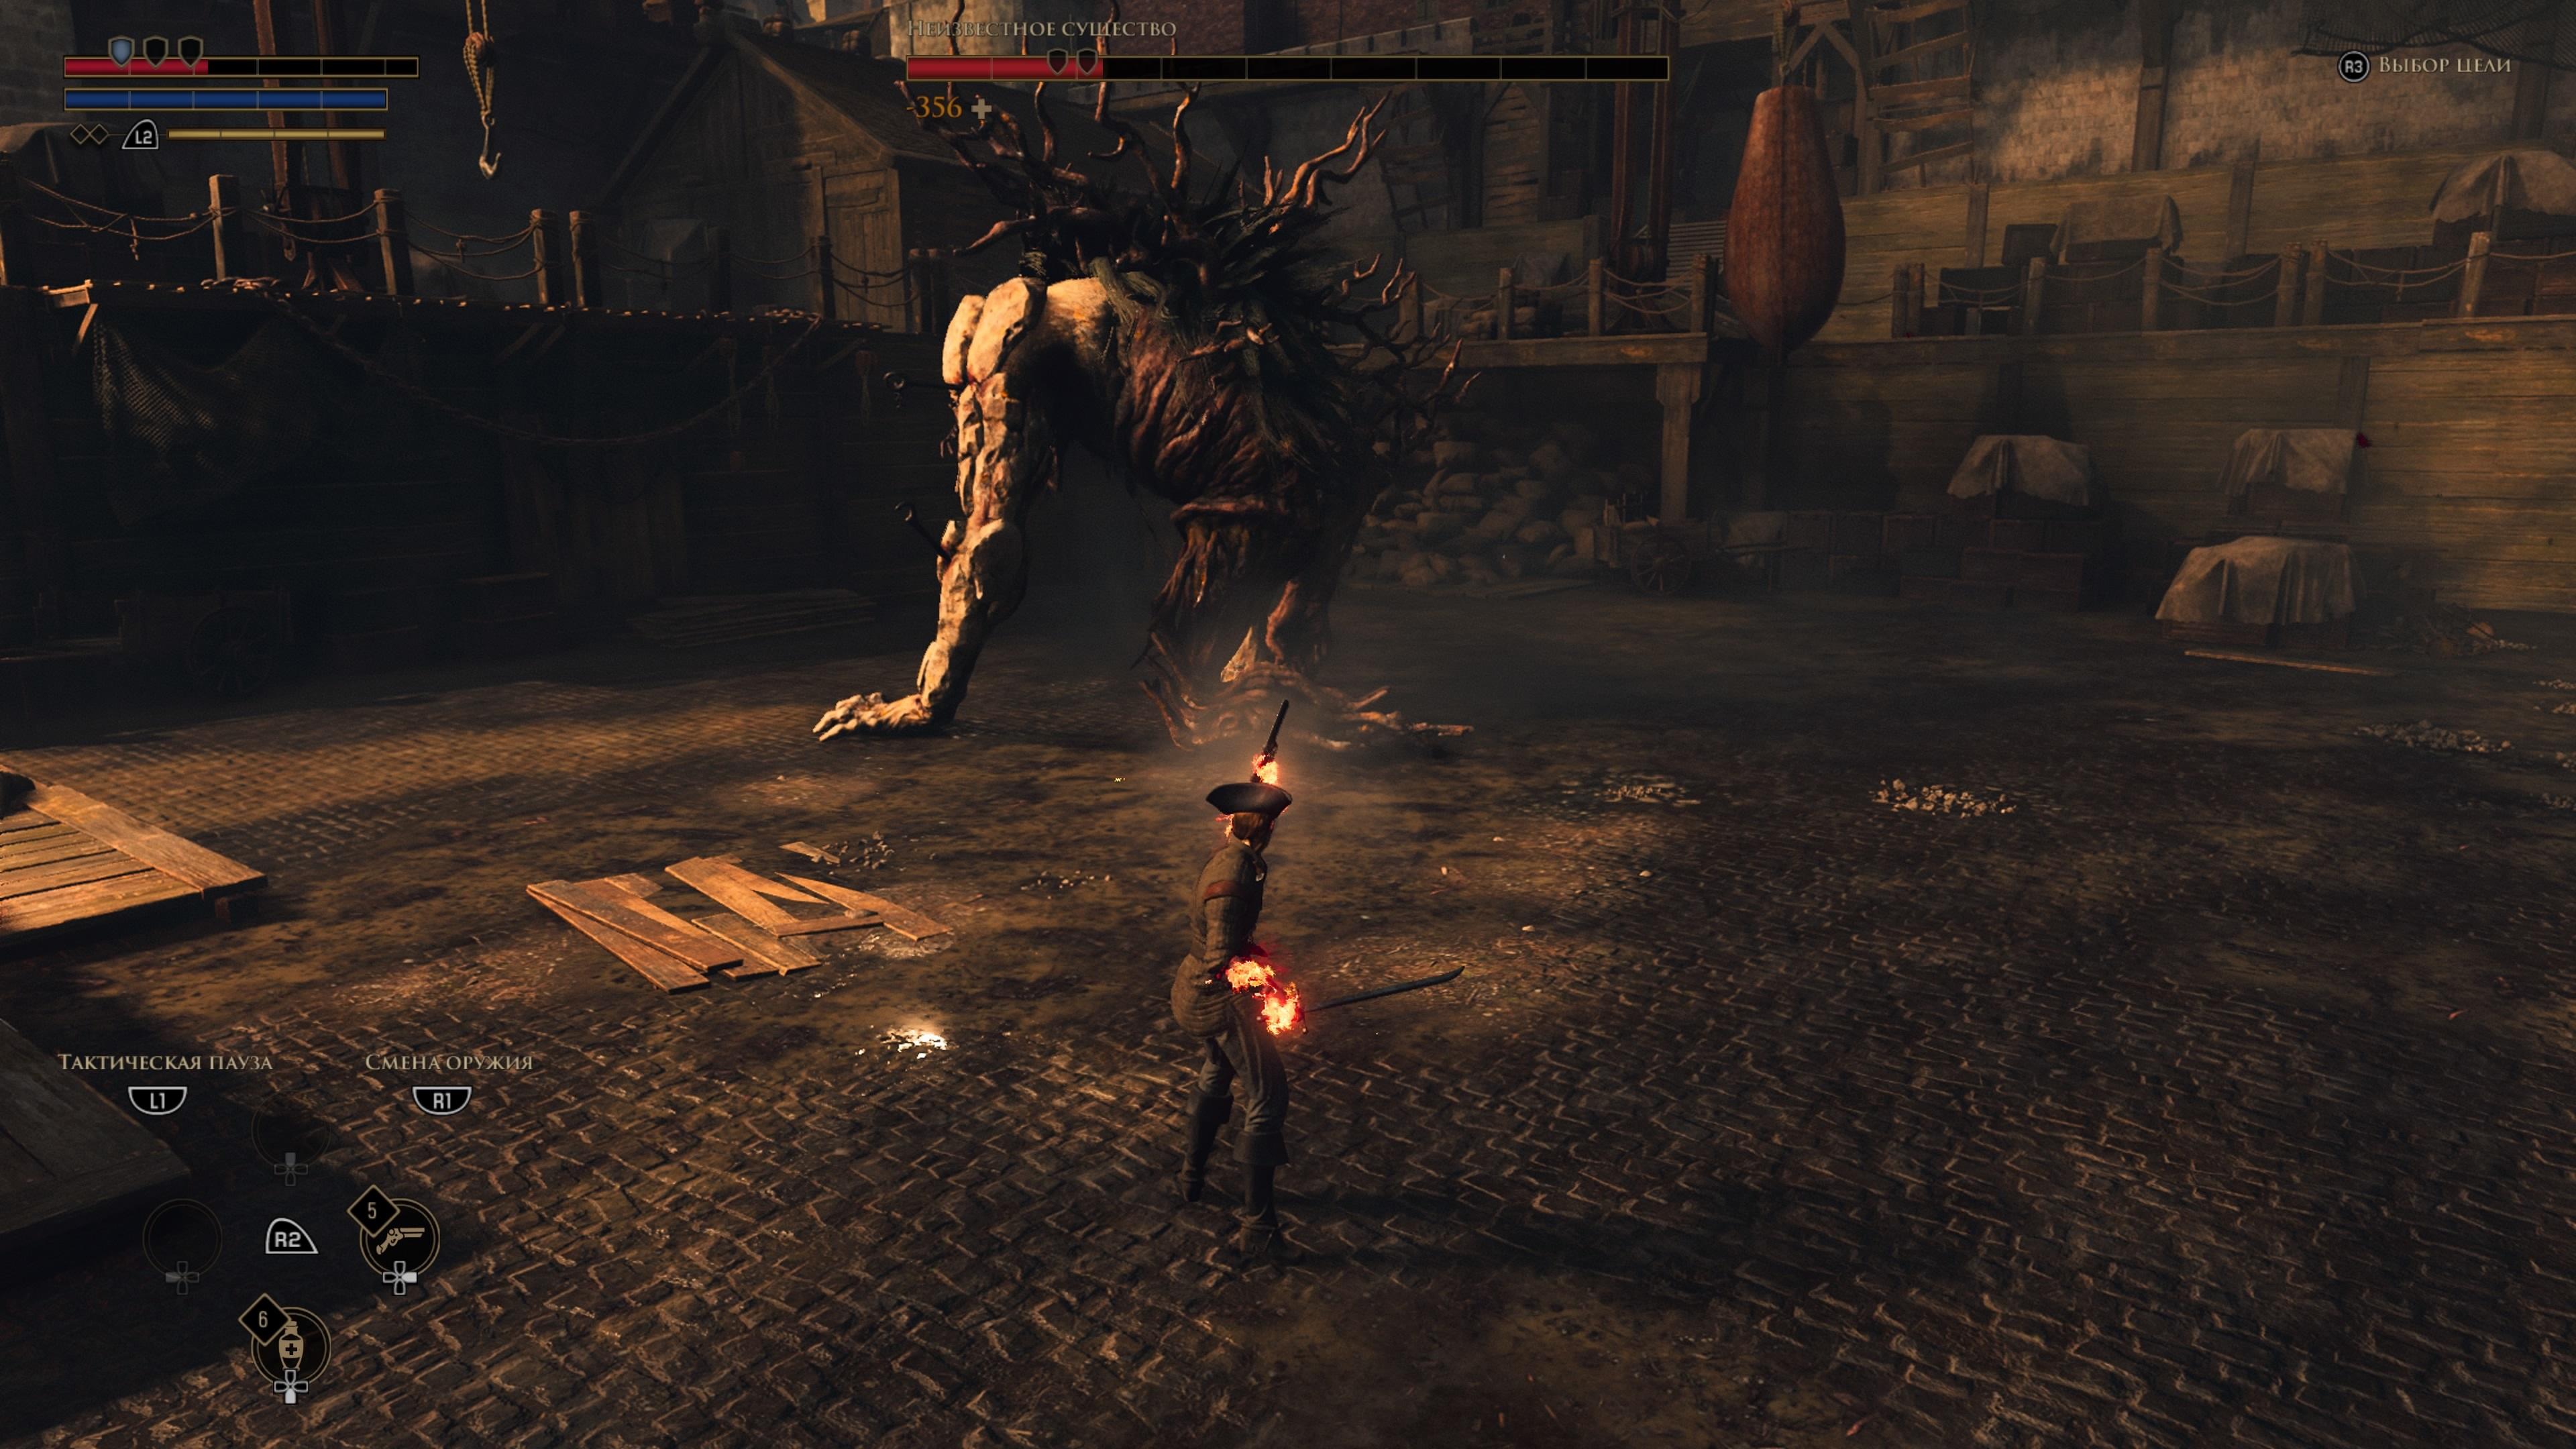 Лучшая Action/RPG 2019 года с закосом под Dragon Age. - Изображение 7